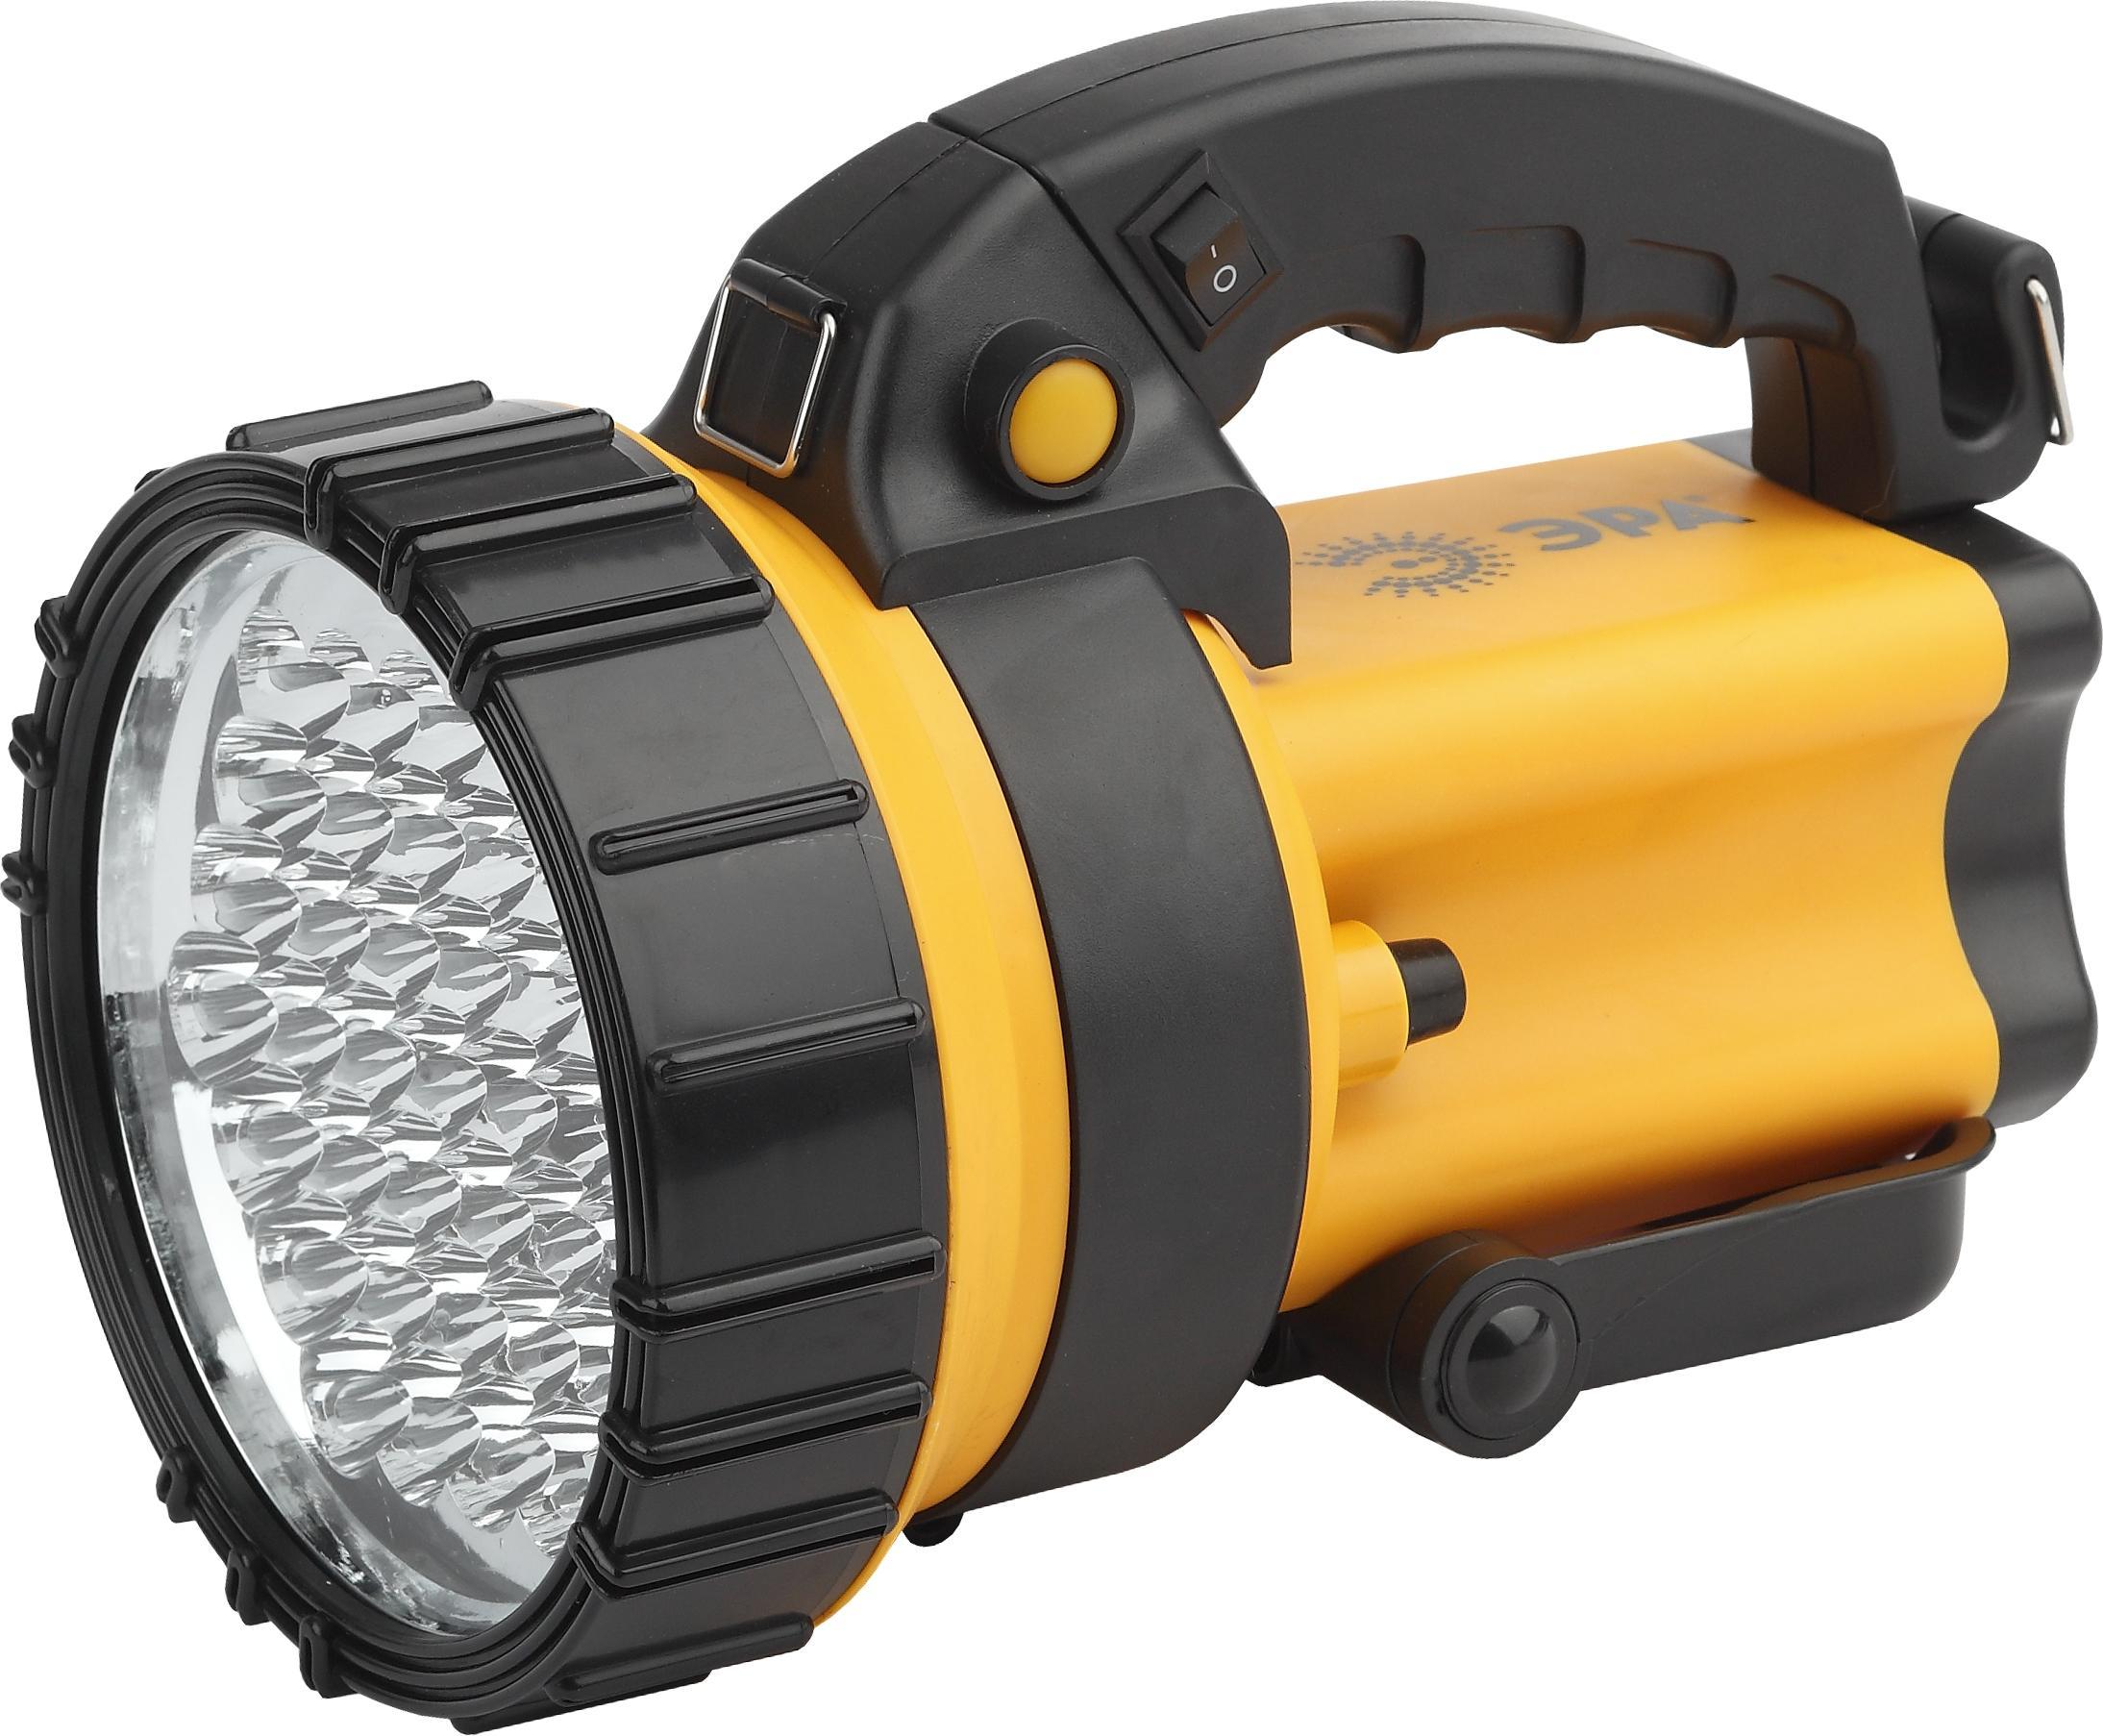 Фонарь ЭРА Pa-603 Б0031034 эра б0031033 фонарь прожектор pa 602 альфа 19 светодиодов аккумулятор литий 3ач зу 220v 12v